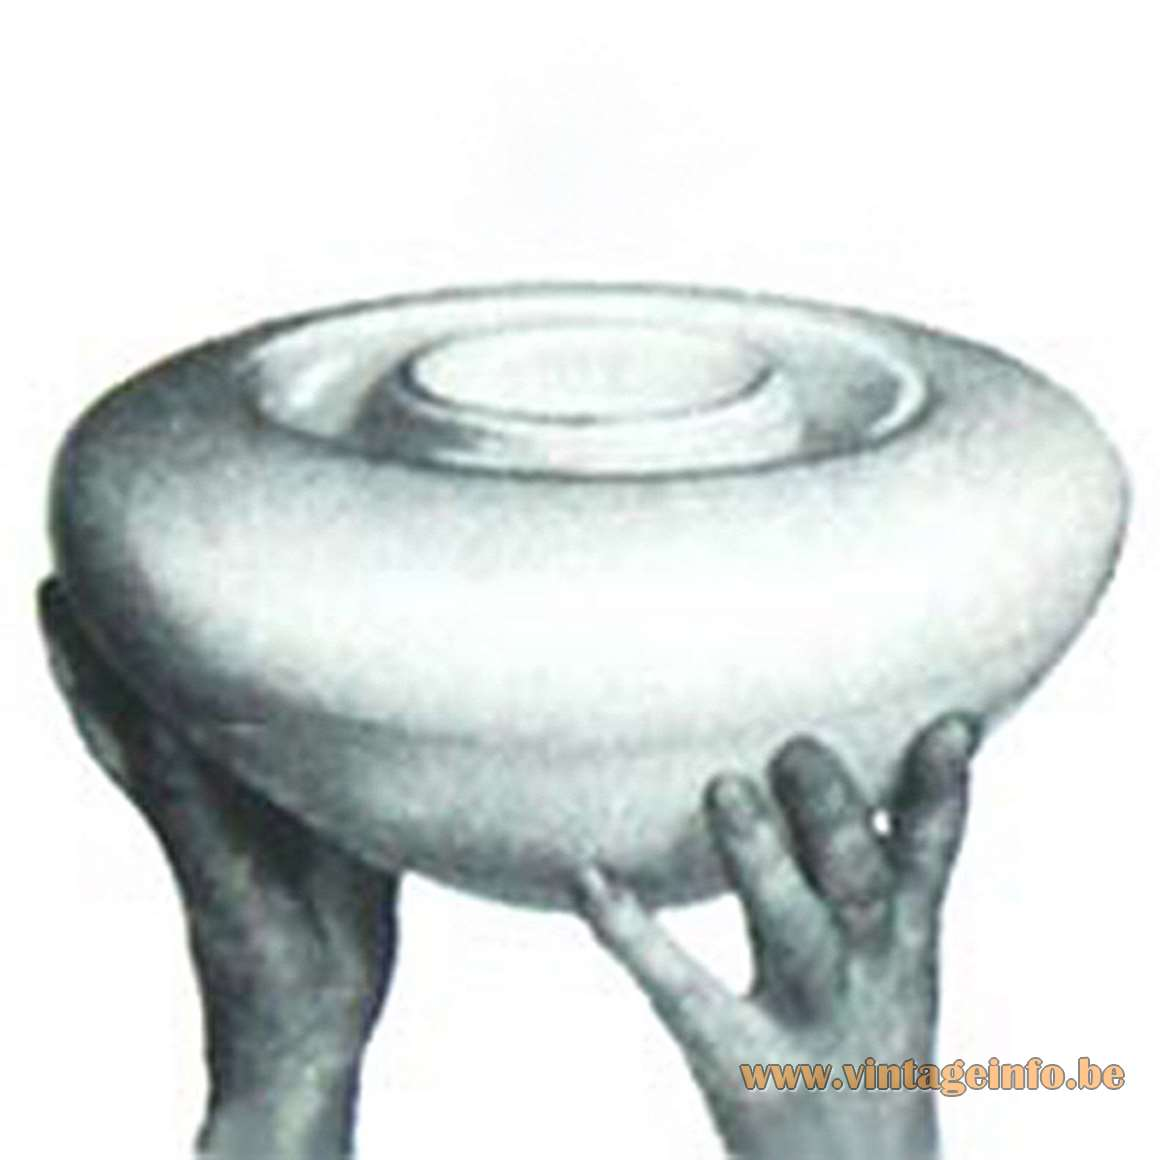 Wilhelm Wagenfeld WV 339 flush mount Lindner Leuchten white opal glass porcelain E27 socket 1950s 1960s